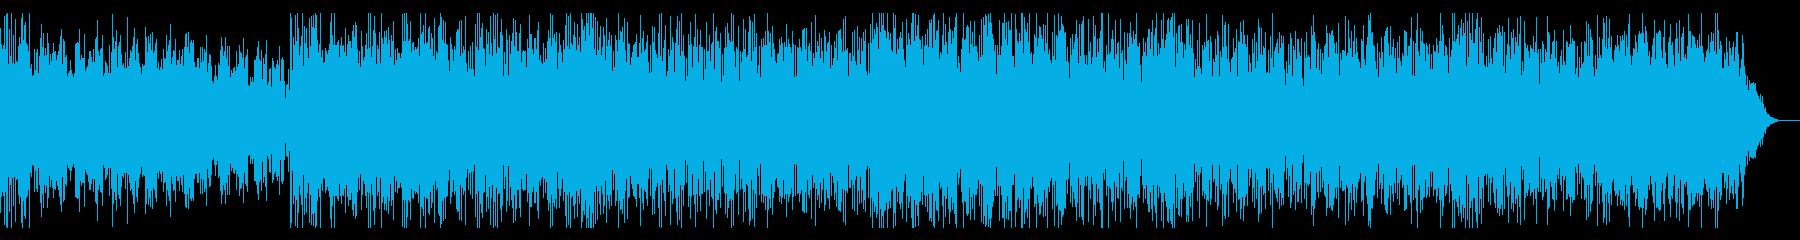 宇宙的・電脳的なバトルイメージのBGMの再生済みの波形